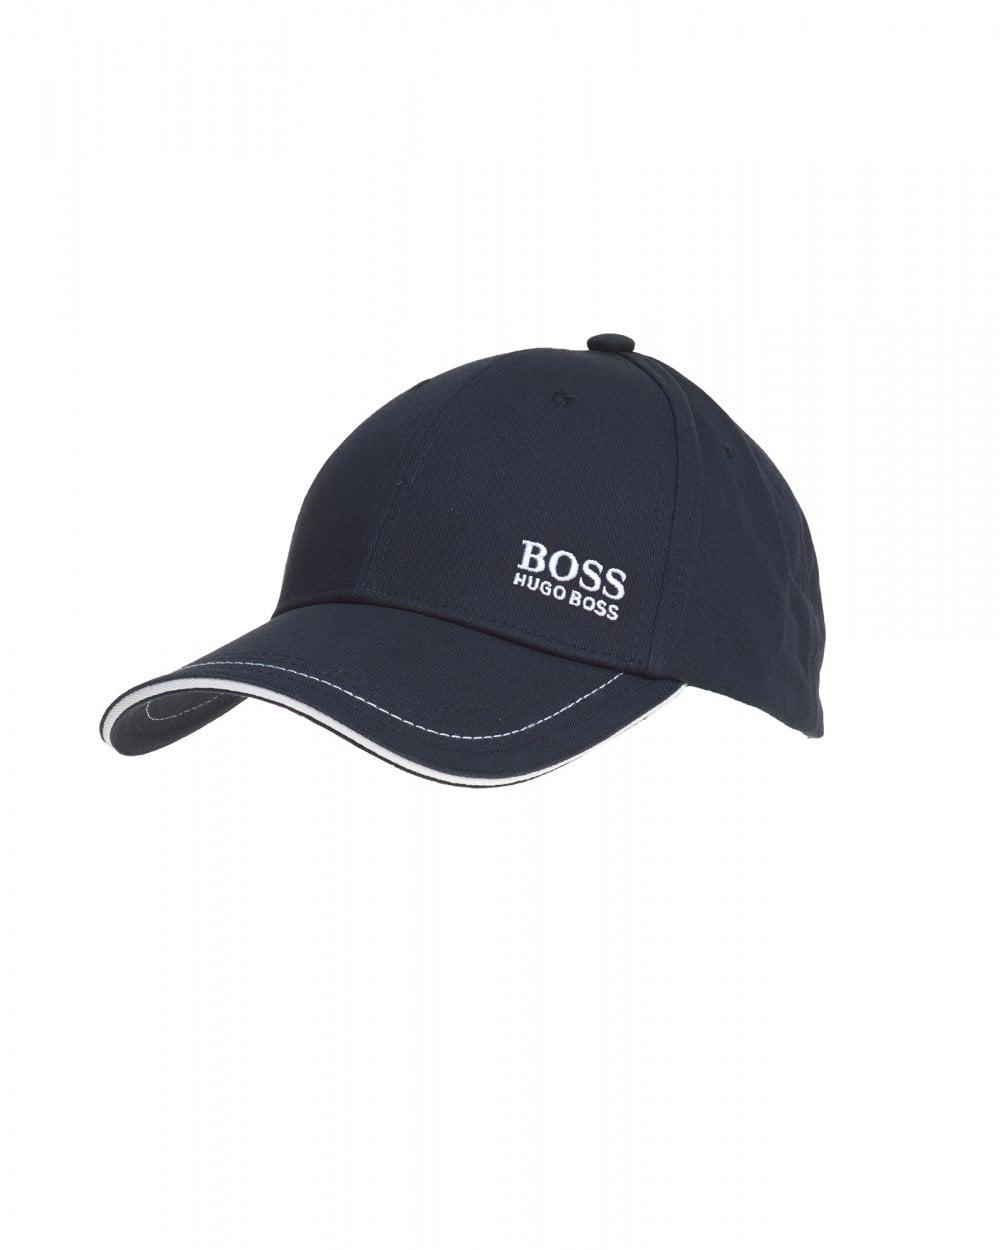 fe6a3b3f5 Mens Cap 1 Baseball Cap, Navy Blue Embroidered Cap